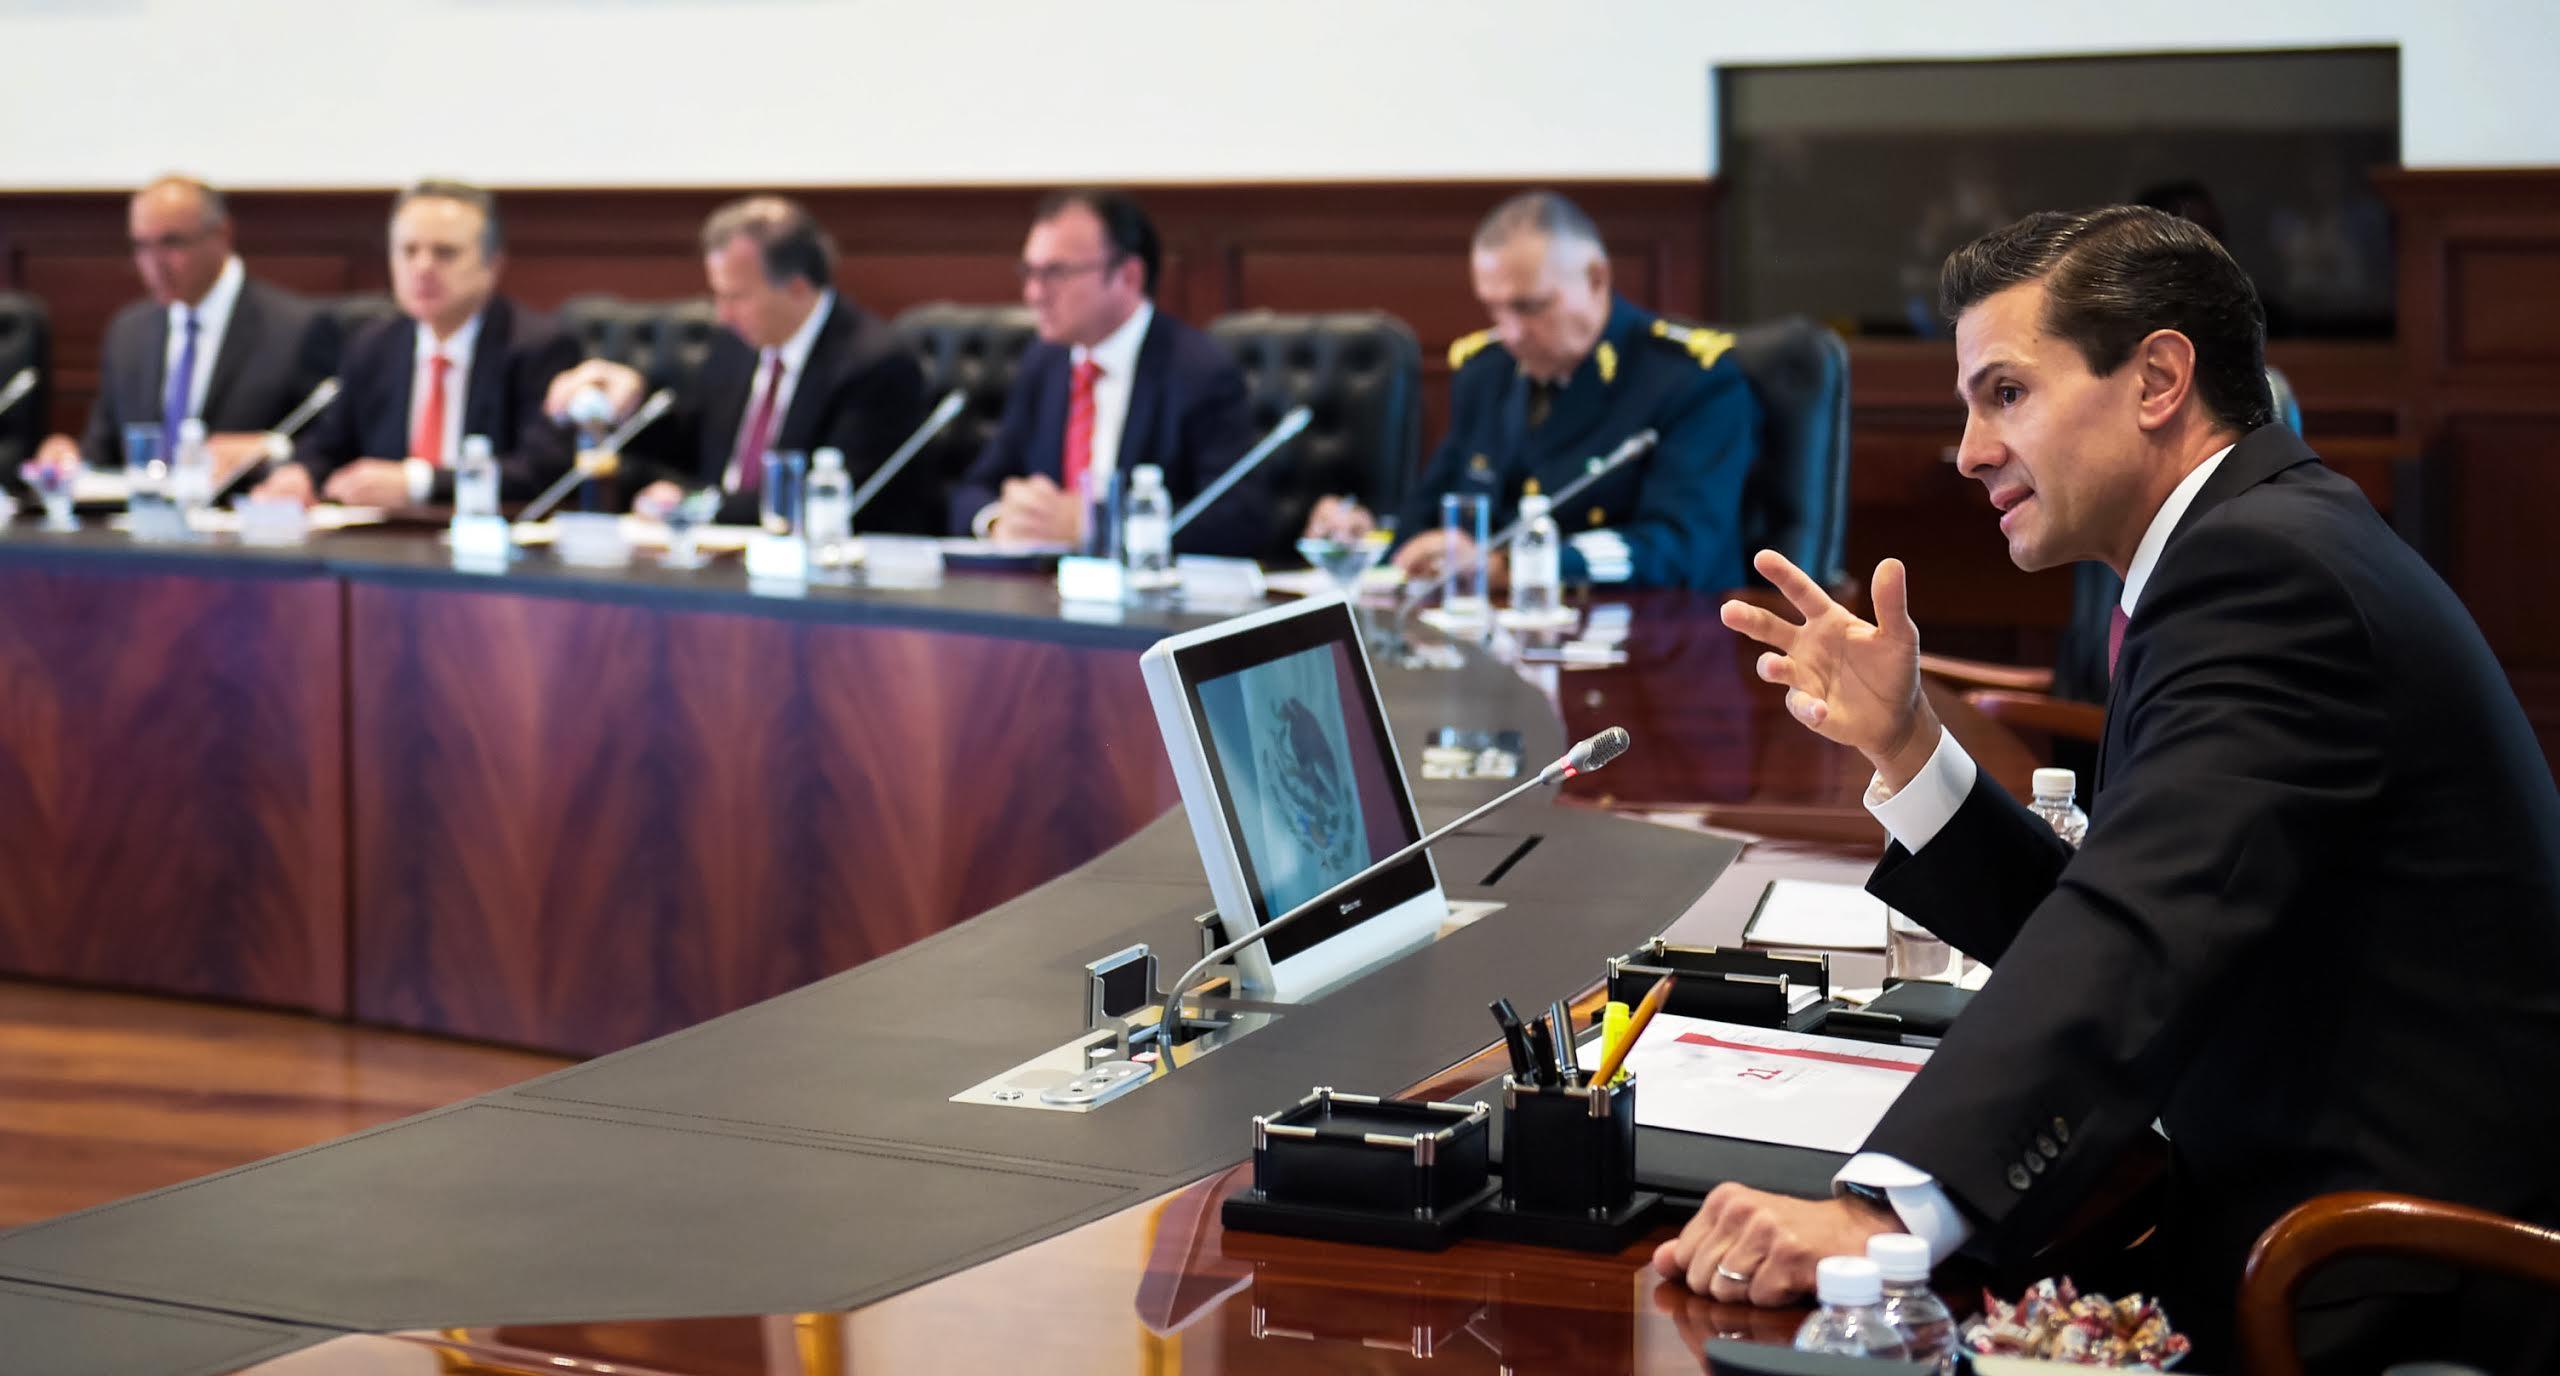 El Presidente de la República, Enrique Peña Nieto, encabezó hoy una reunión con los integrantes de su Gabinete Legal y Ampliado, en la que se revisaron las perspectivas económicas para los años 2016 y 2017.